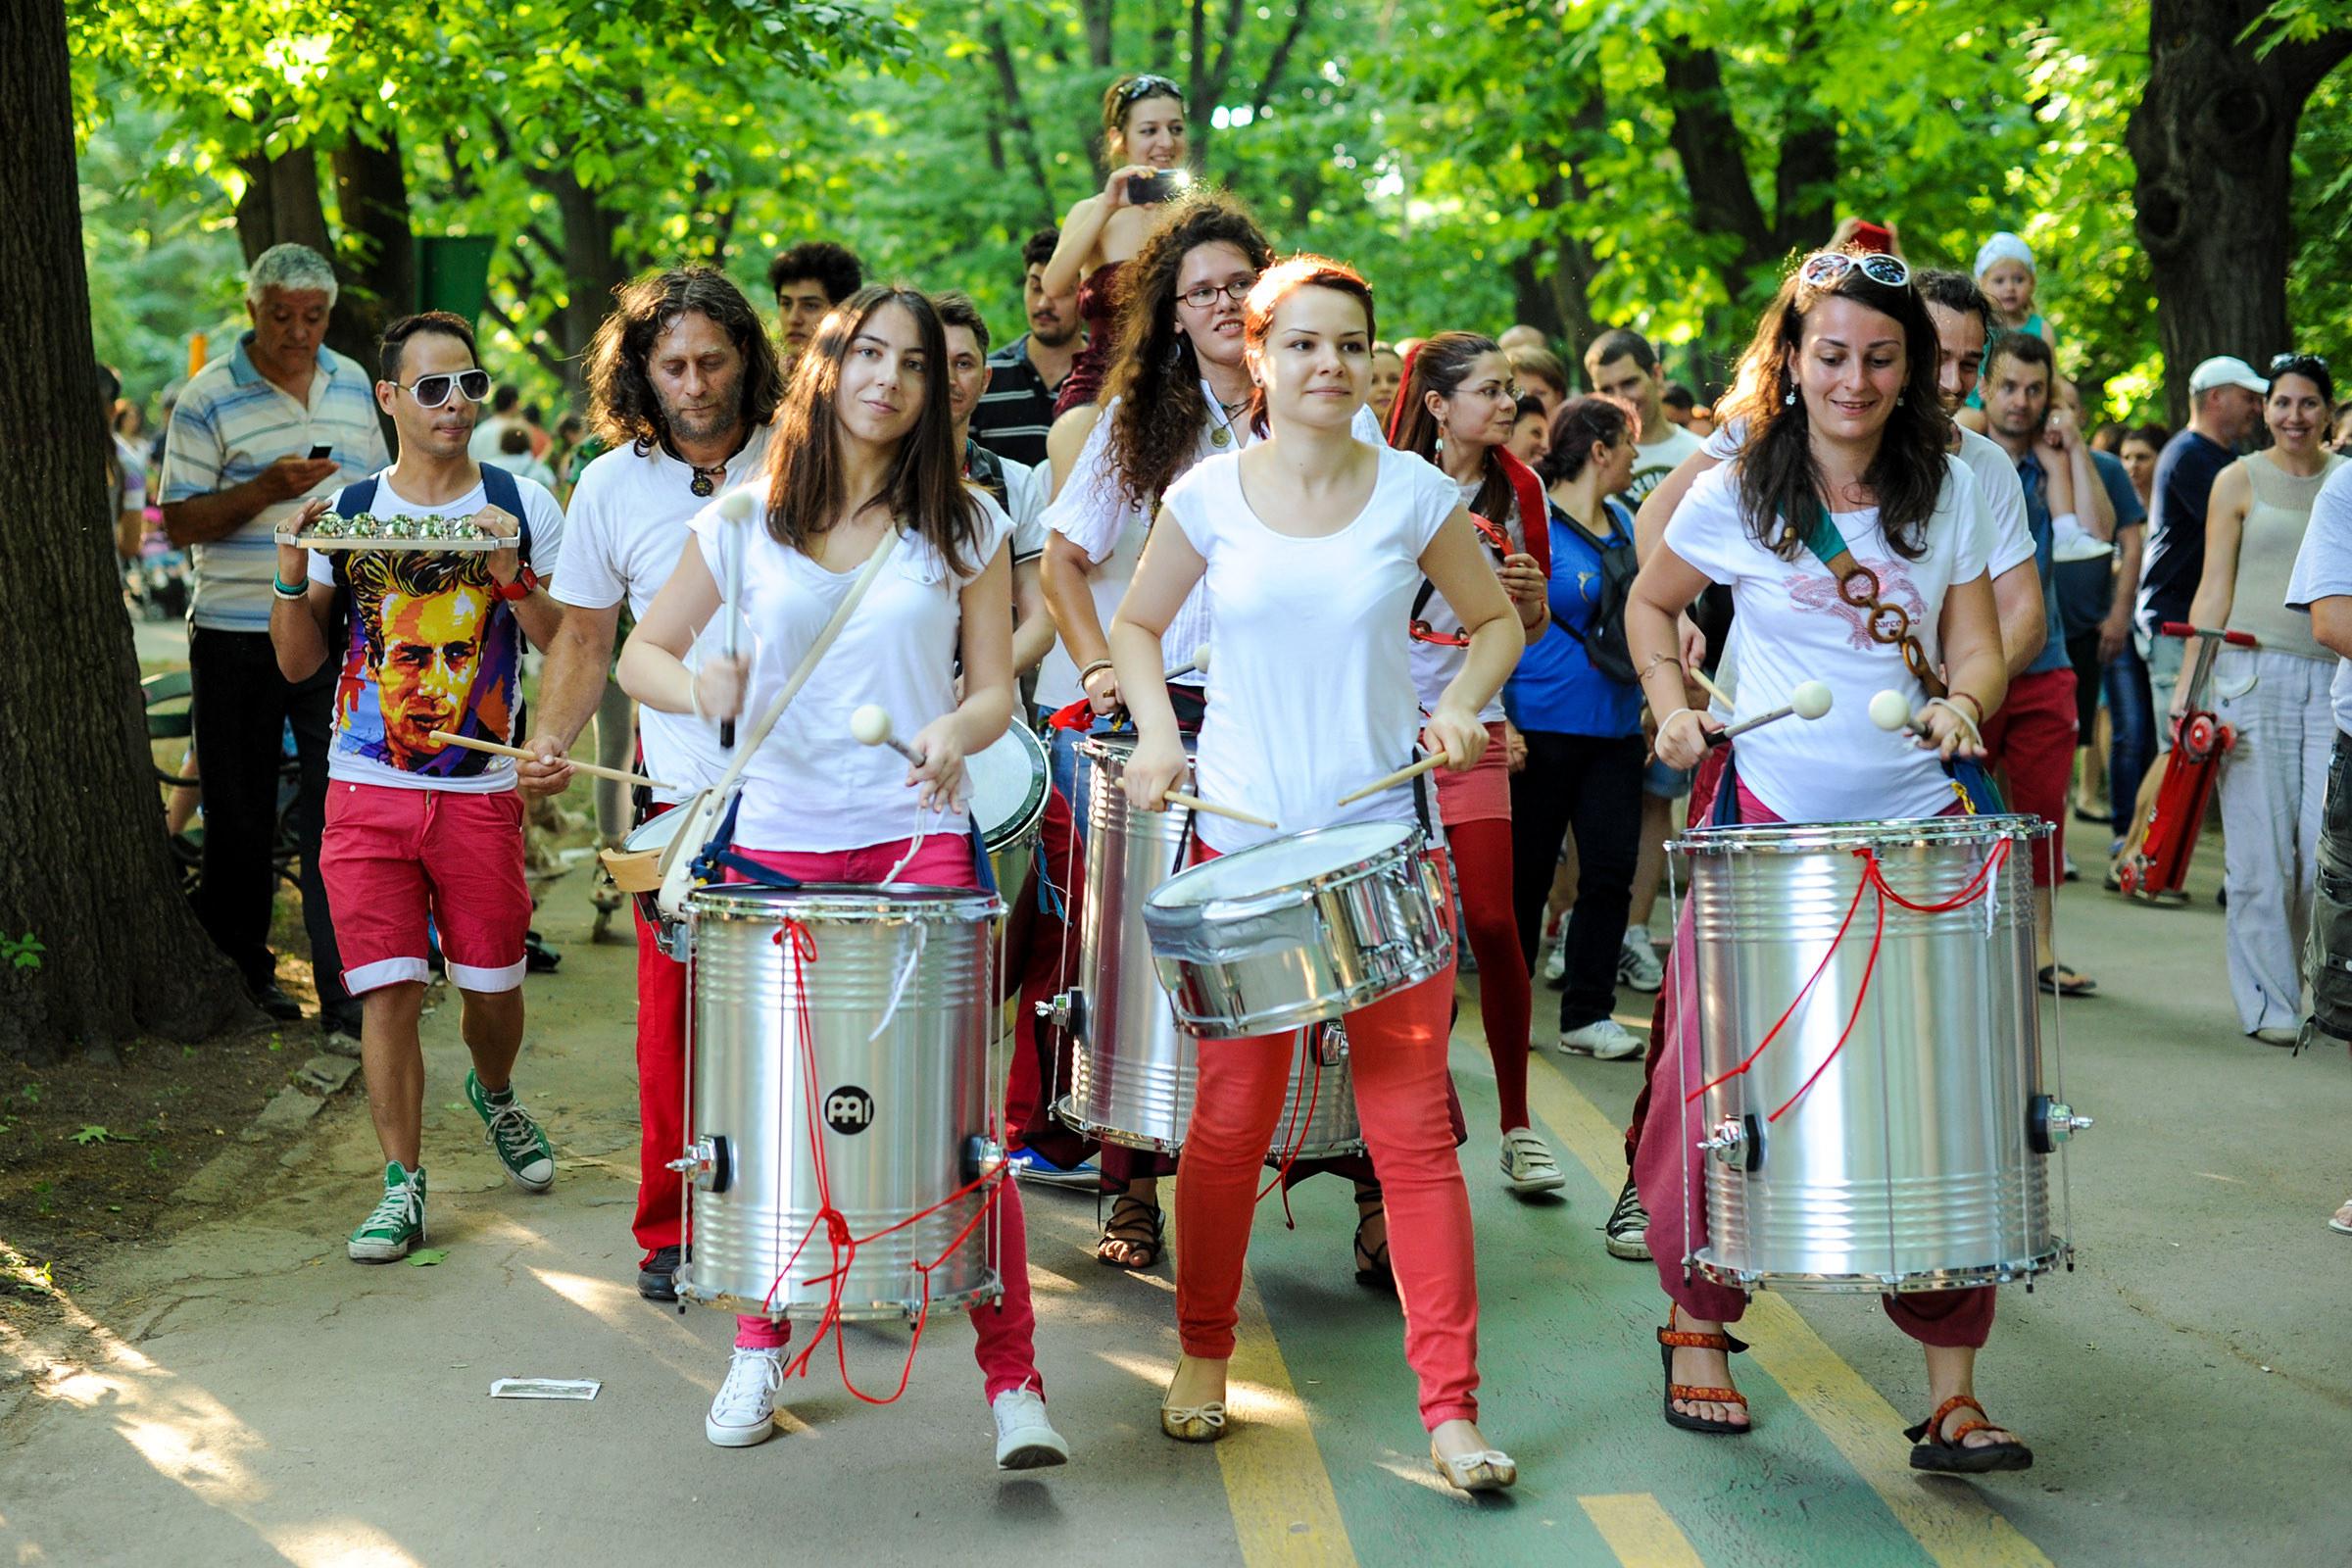 """Pe 22 octombrie, la Sala Palatului, veti avea parte de o portie de samba motivationala, marca Barbarossa Samba Group, in cadrul conferintei """"Poti face diferenta""""."""